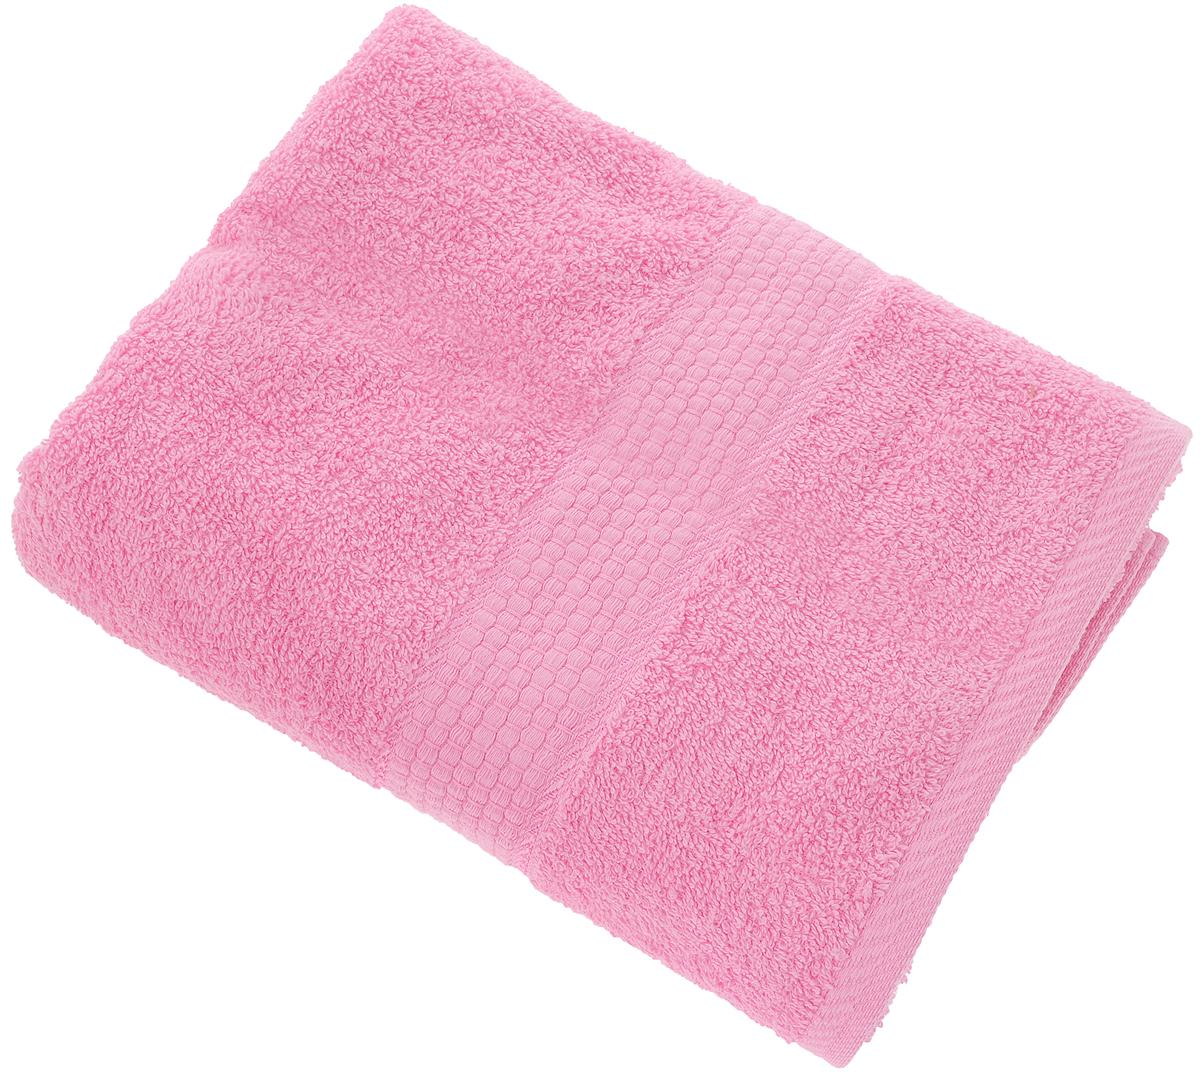 Полотенце Aisha Home Textile, цвет: розовый, 70 х 140 смУзТ-ПМ-114-08-04кМахровые полотенца AISHA Home Textile идеальное сочетание цены и качества. Полотенца упакованы в стильную подарочную коробку. В состав входит только натуральное волокно - хлопок. Лаконичные бордюры подойдут для любого интерьера ванной комнаты. Полотенца прекрасно впитывает влагу и быстро сохнут. При соблюдении рекомендаций по уходу не линяют и не теряют форму даже после многократных стирок.Состав: 100% хлопок.